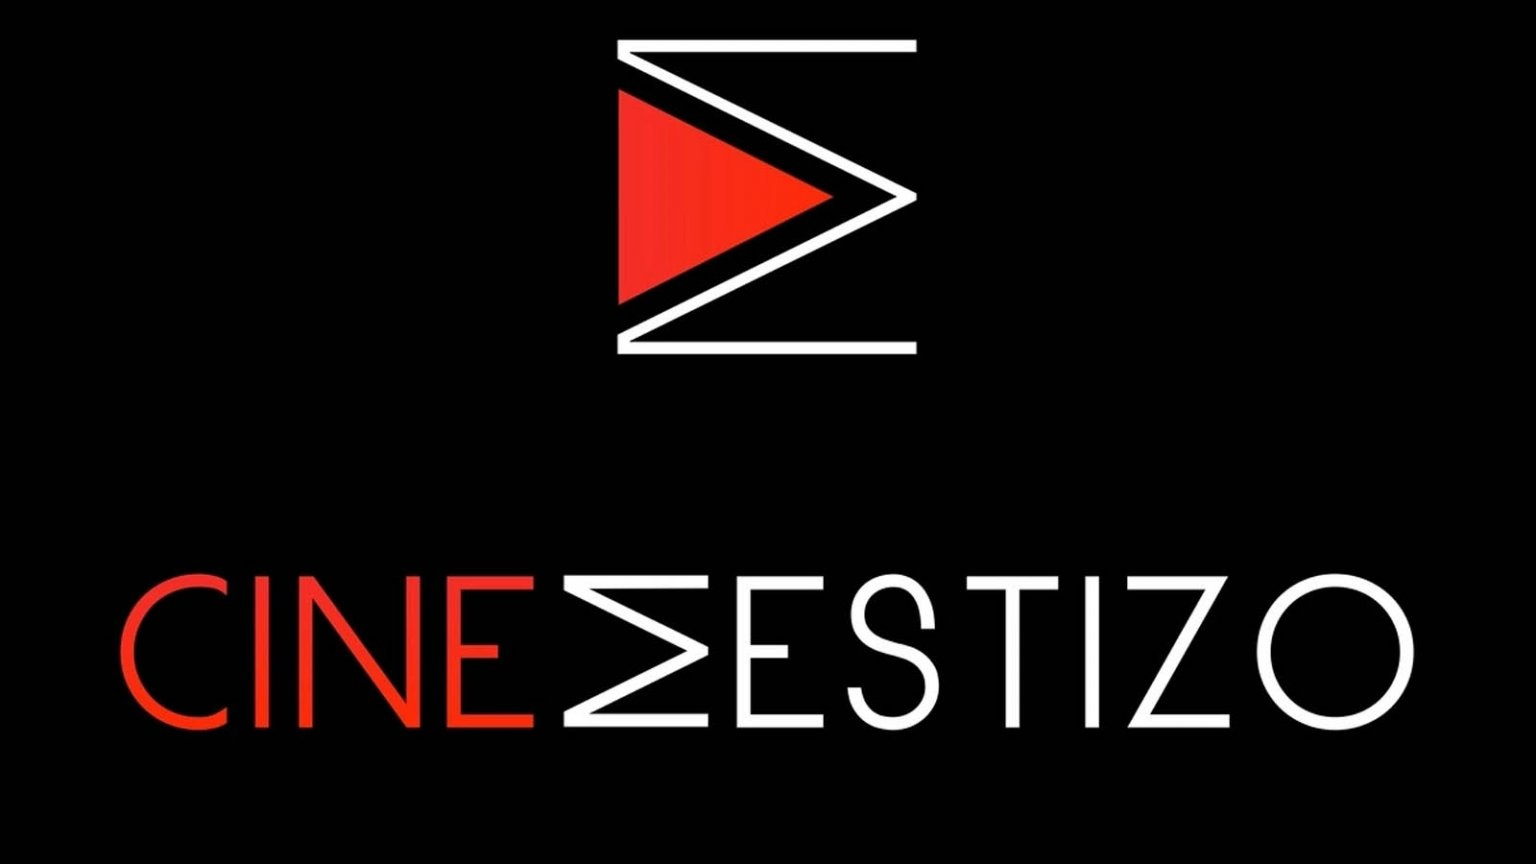 Cine Mestizo